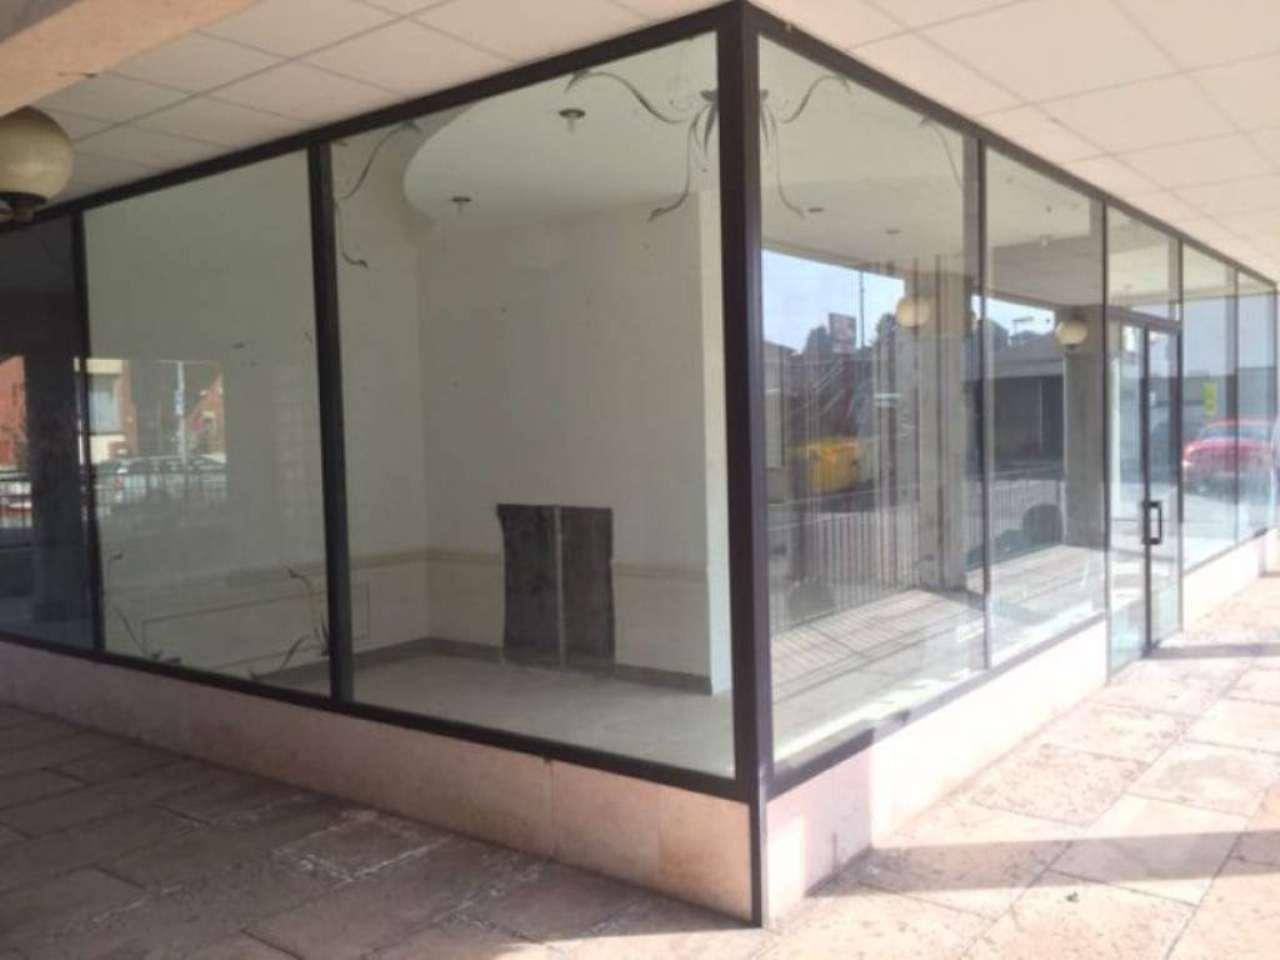 Negozio / Locale in vendita a Azzate, 80 locali, prezzo € 70.000 | Cambio Casa.it